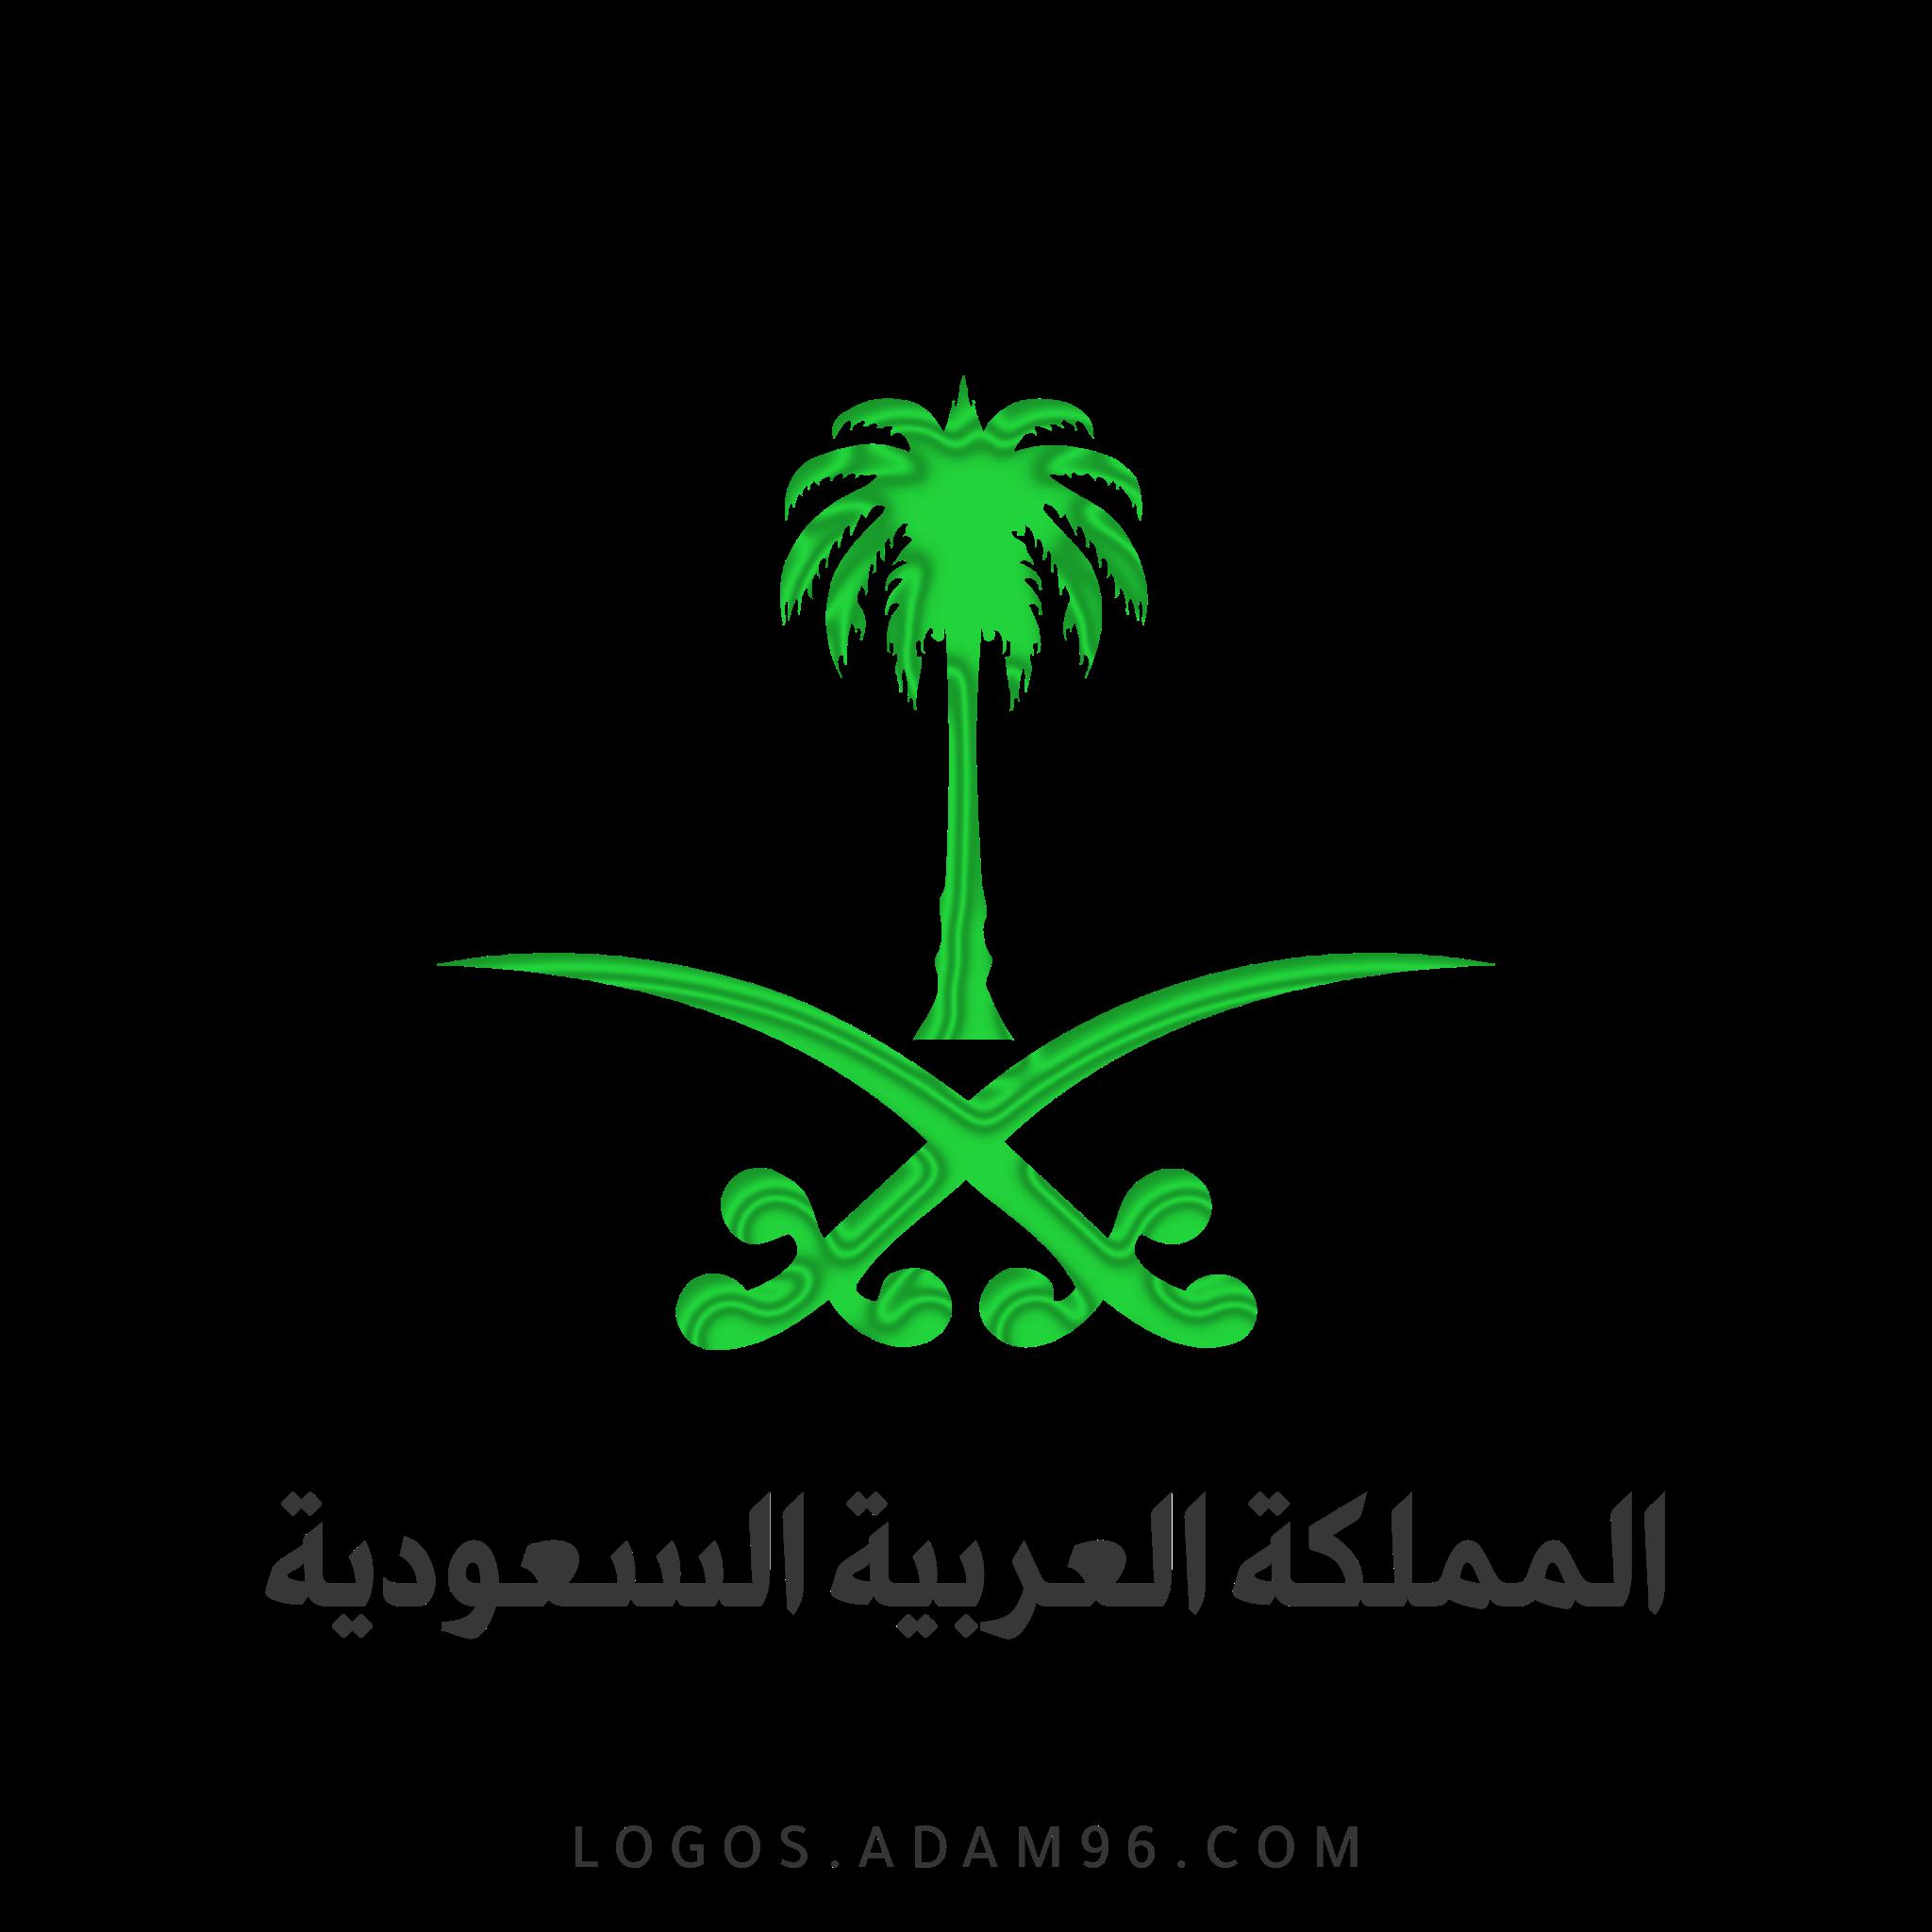 تحميل شعار المملكة العربية السعودية لوجو شفاف بصيغة PNG